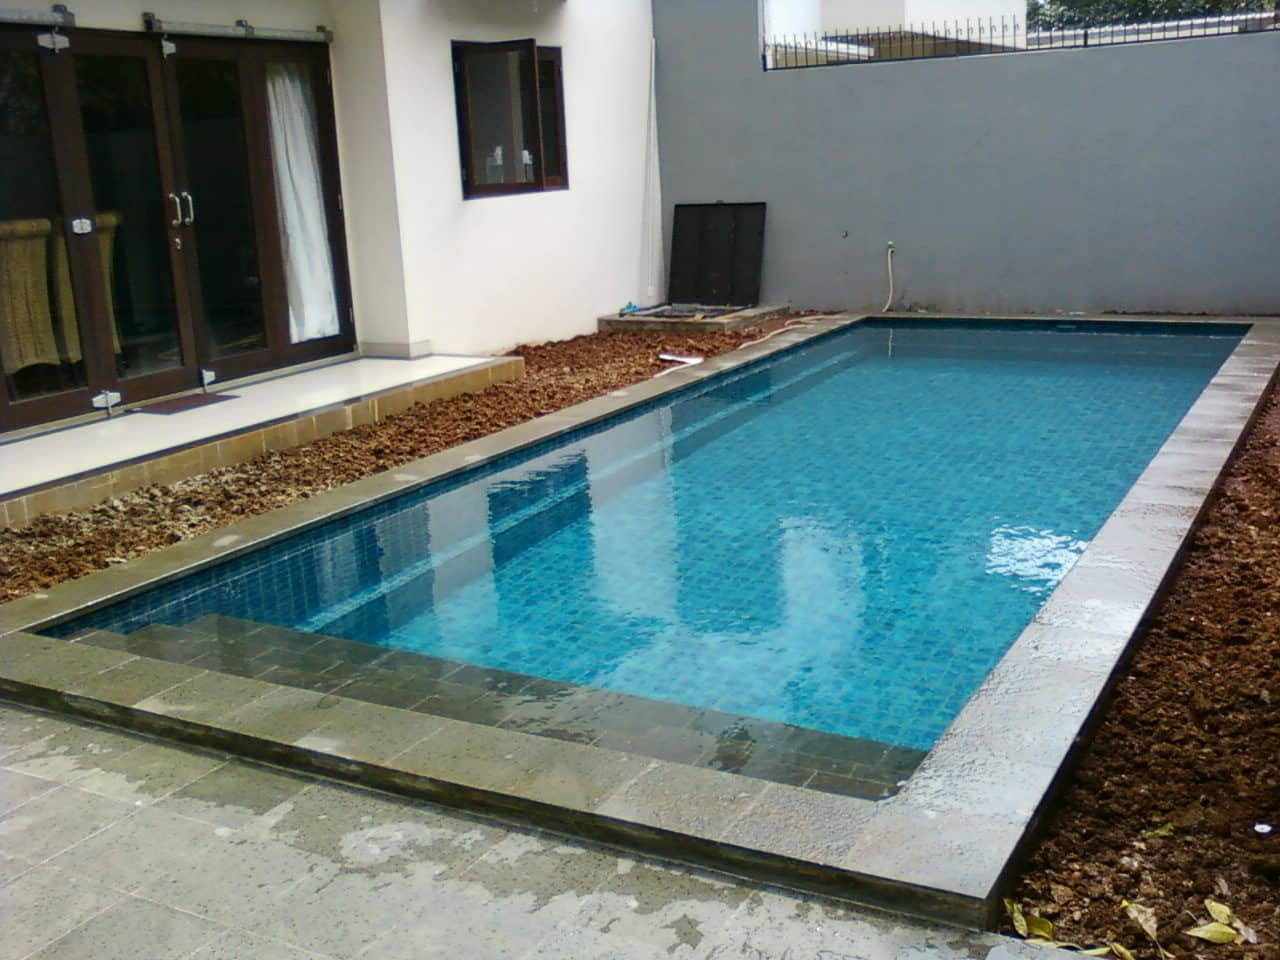 mozaik kolam renang